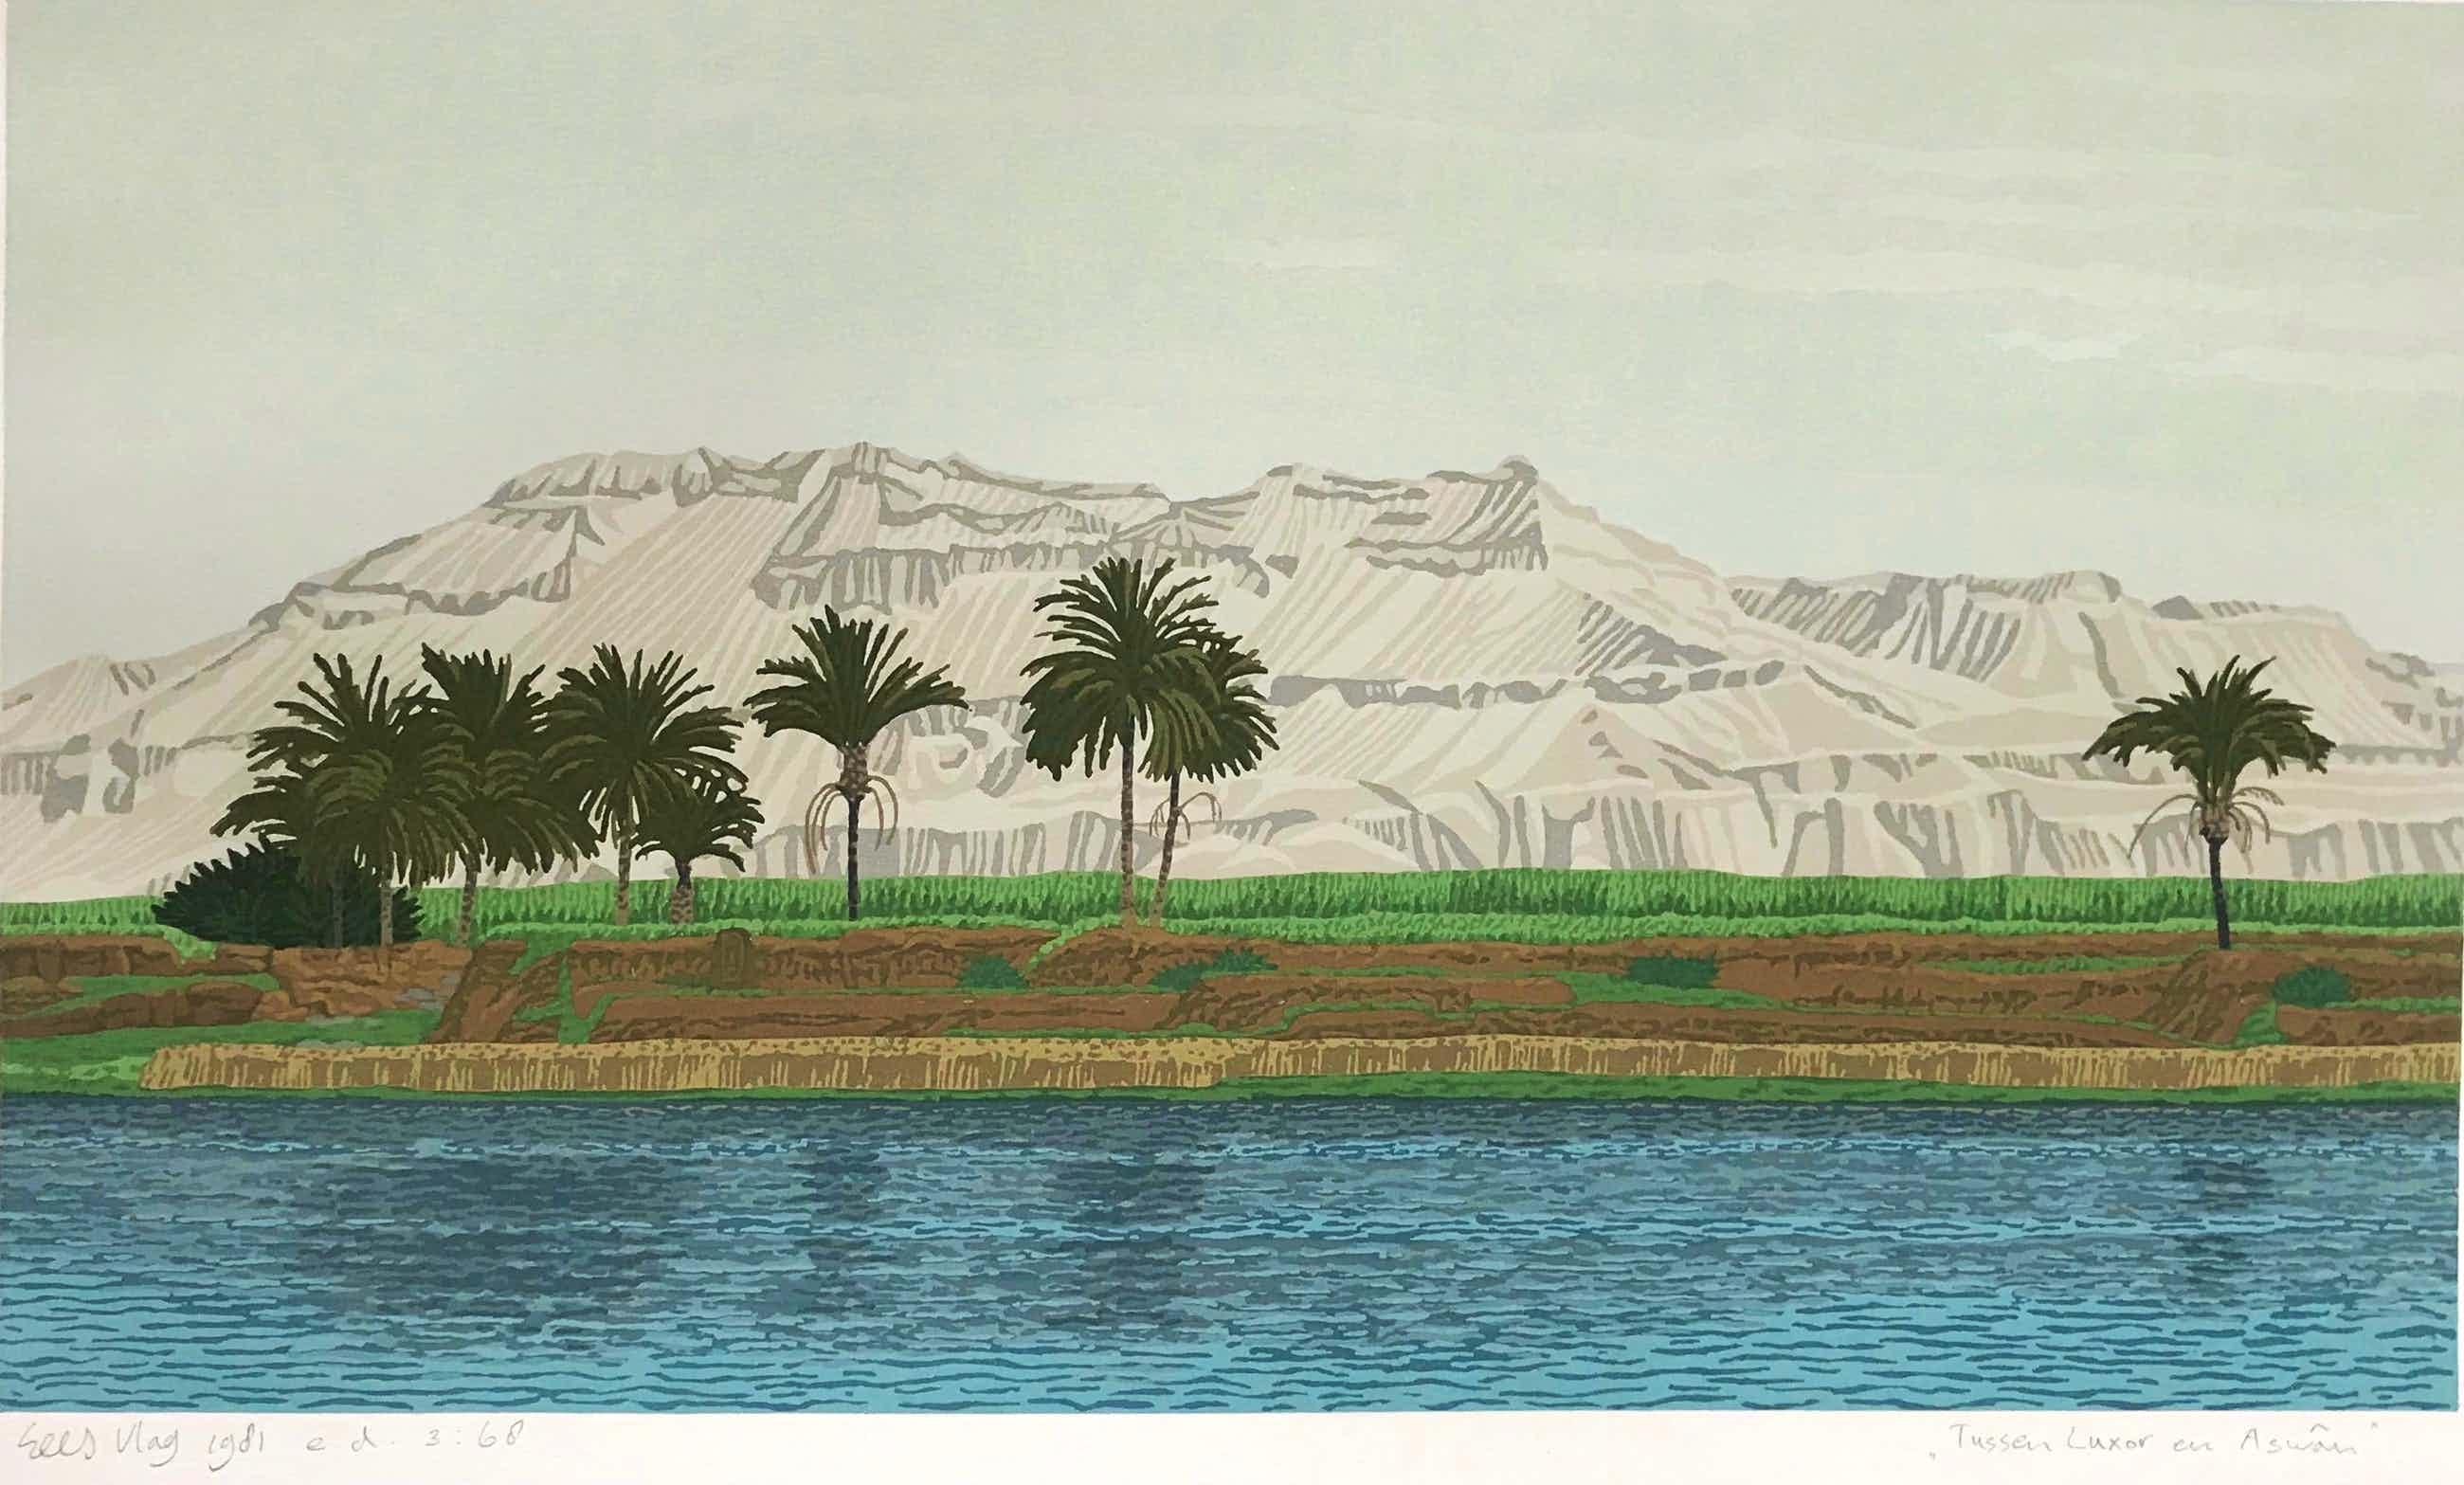 Sees Vlag - Gesigneerde zeefdruk - 'Tussen Luxor en Aswan' - 1981 - 3/68 kopen? Bied vanaf 75!